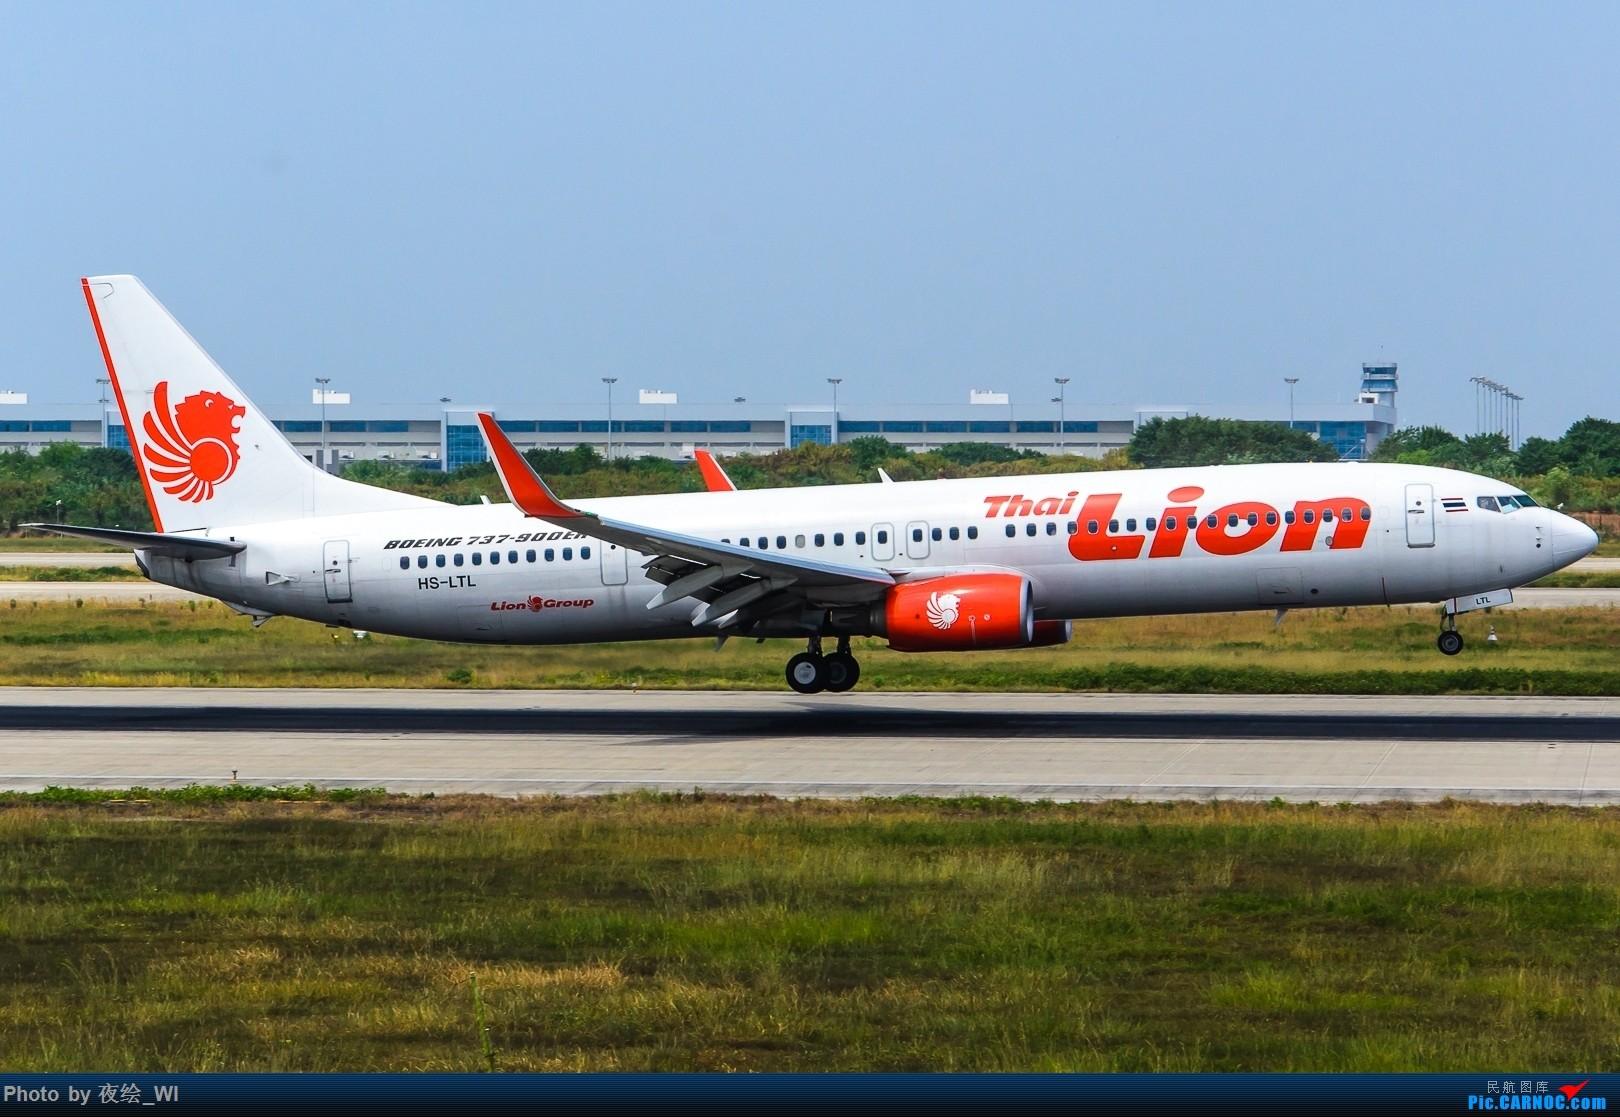 Re:[原创]【NKG】好久没发图了,趁着好天气发几架不一样的东南亚包机 BOEING 737-900ER HS-LTL 中国南京禄口国际机场